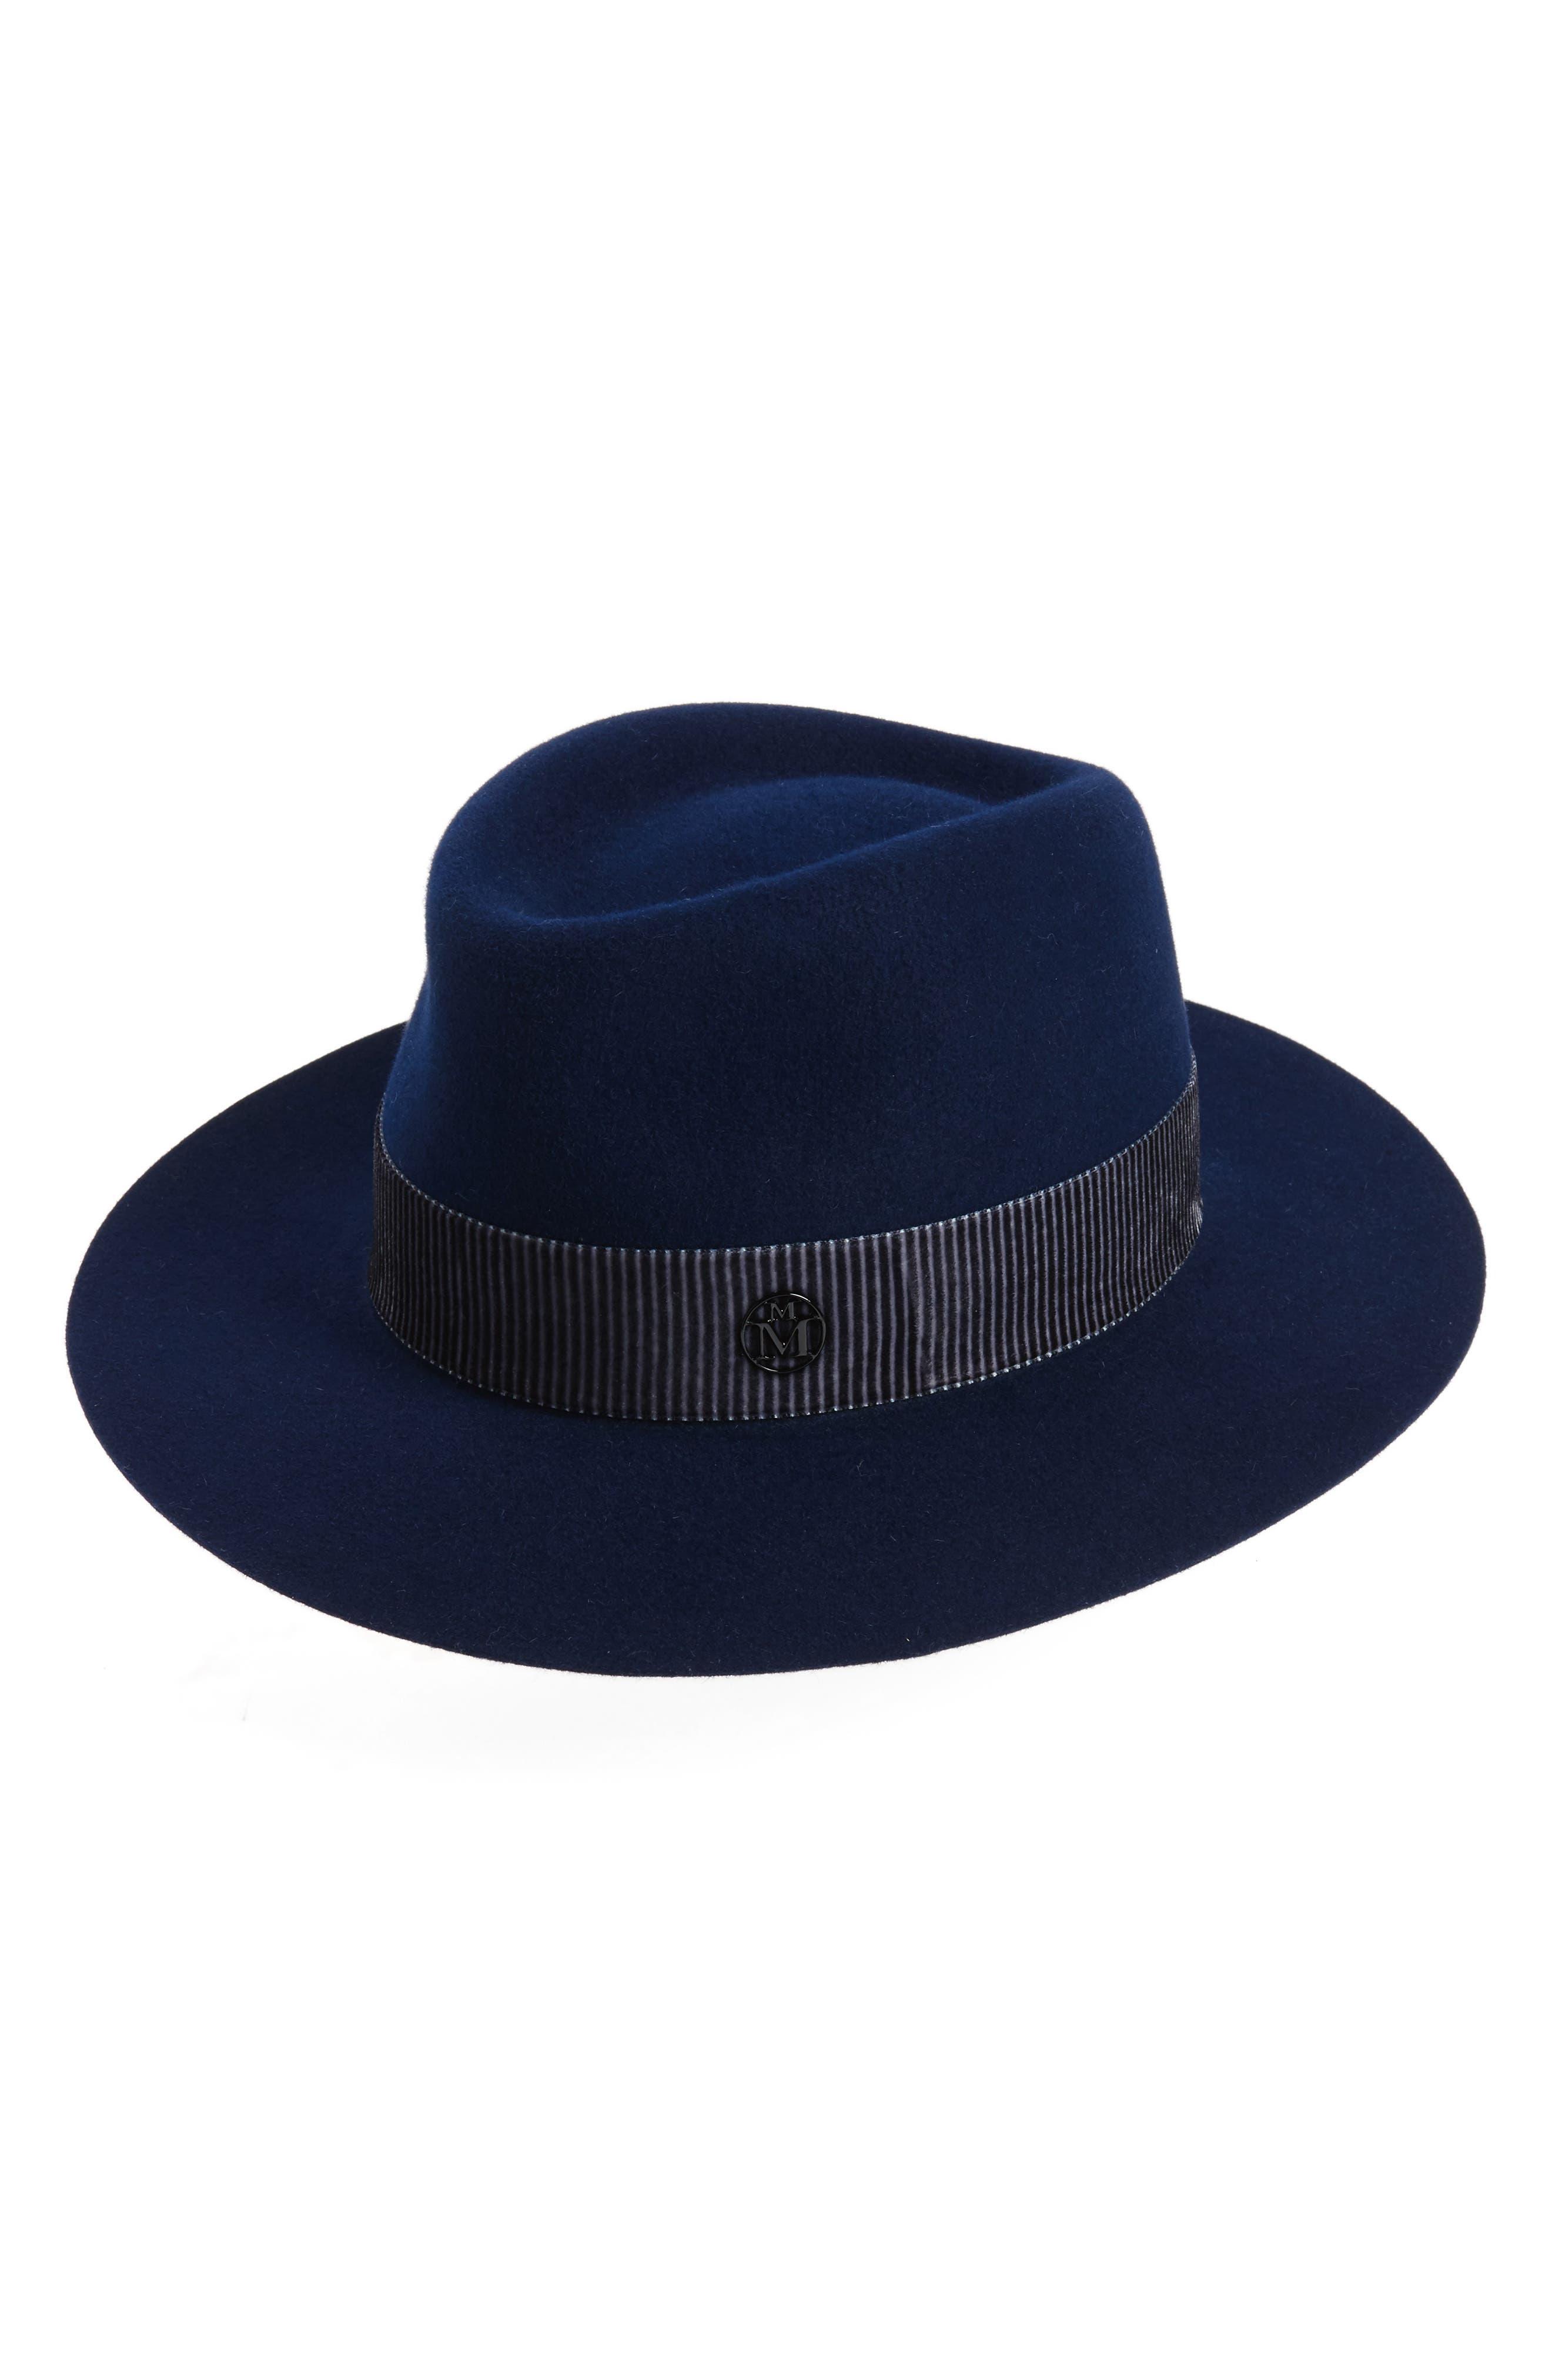 Main Image - Maison Michel Andre Fur Felt Hat